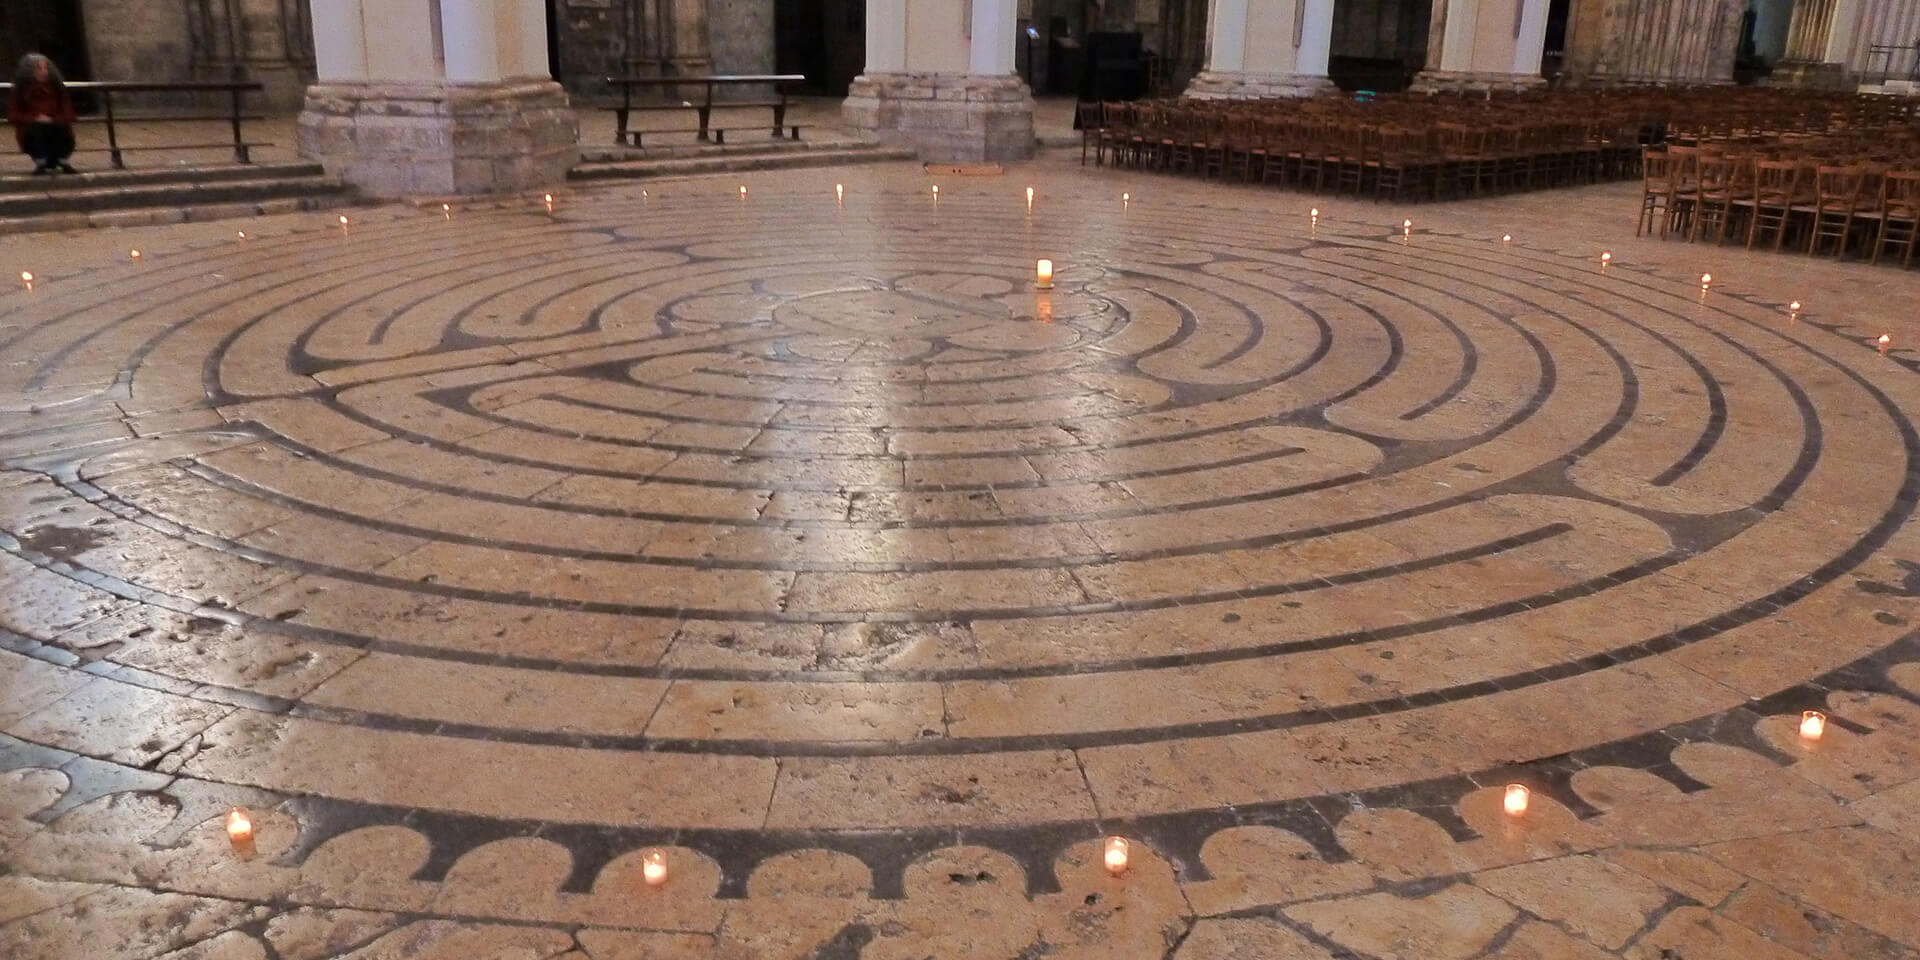 Das Labyrinth von Chartres befindet sich in der Kathedrale von Chartres im Département Eure-et-Loir in Frankreich.